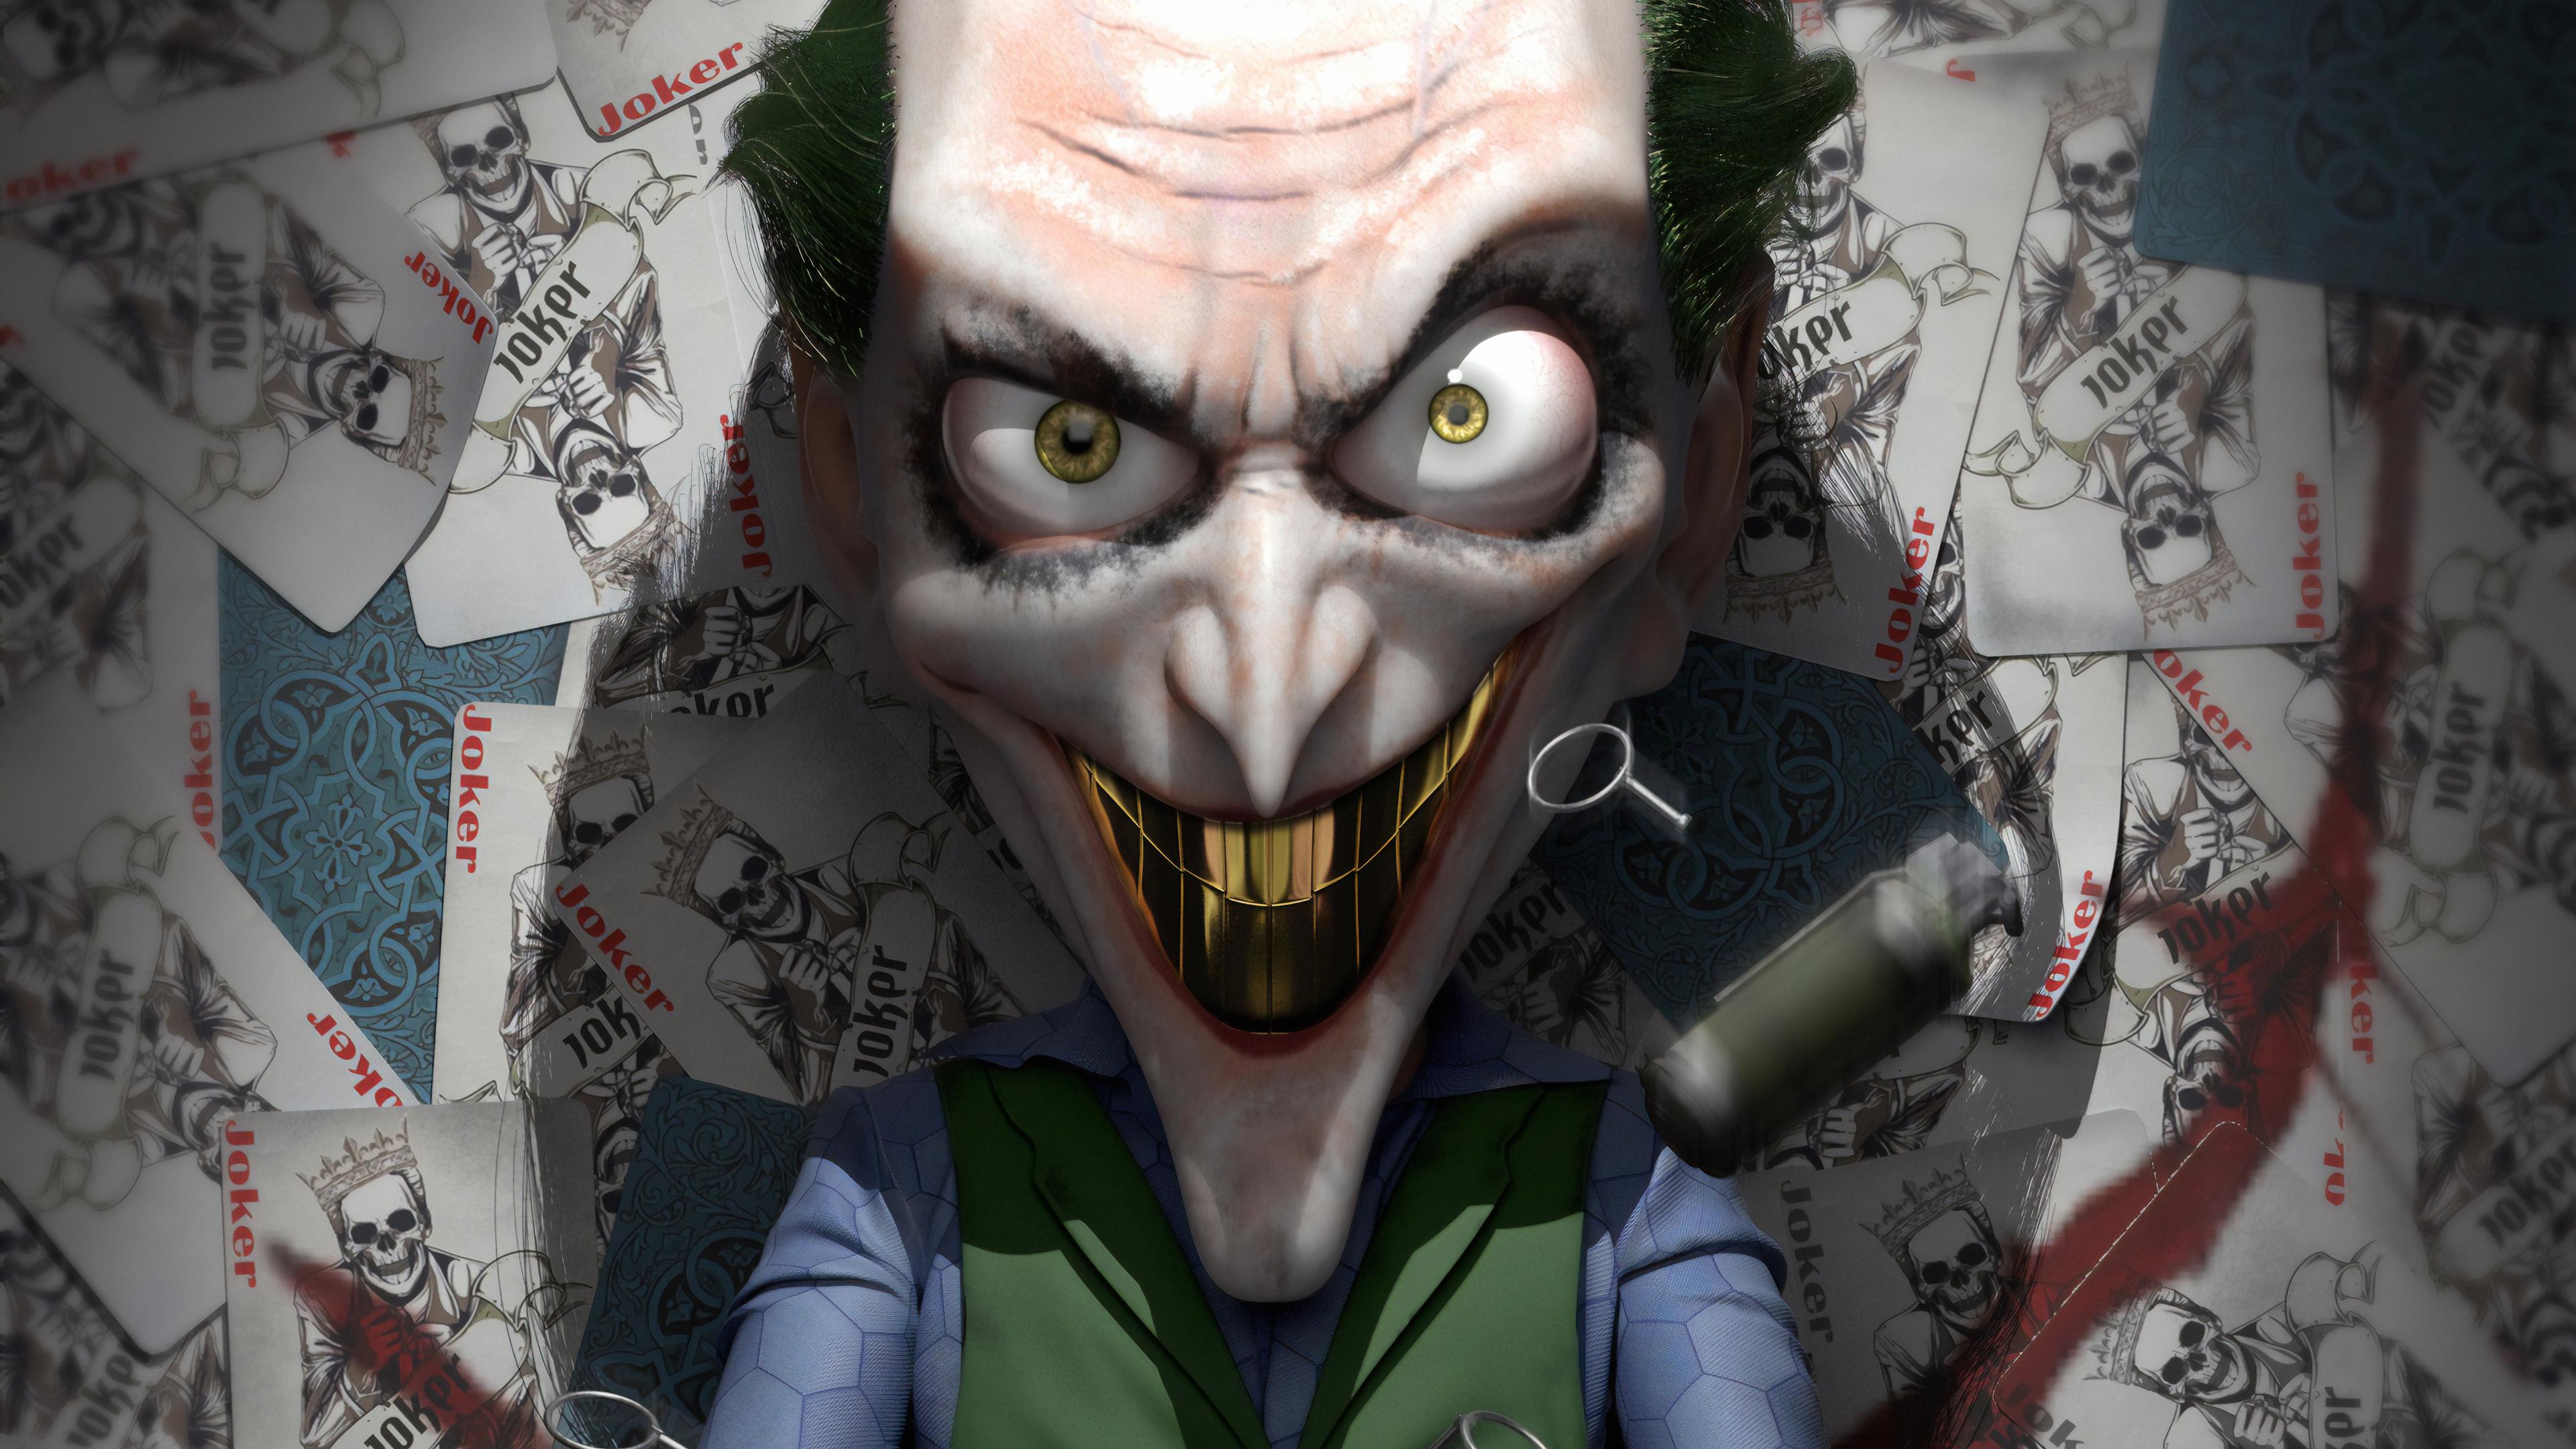 joker golden teeth 1570394185 - Joker Golden Teeth - superheroes wallpapers, joker wallpapers, hd-wallpapers, dc comics wallpapers, artstation wallpapers, 4k-wallpapers